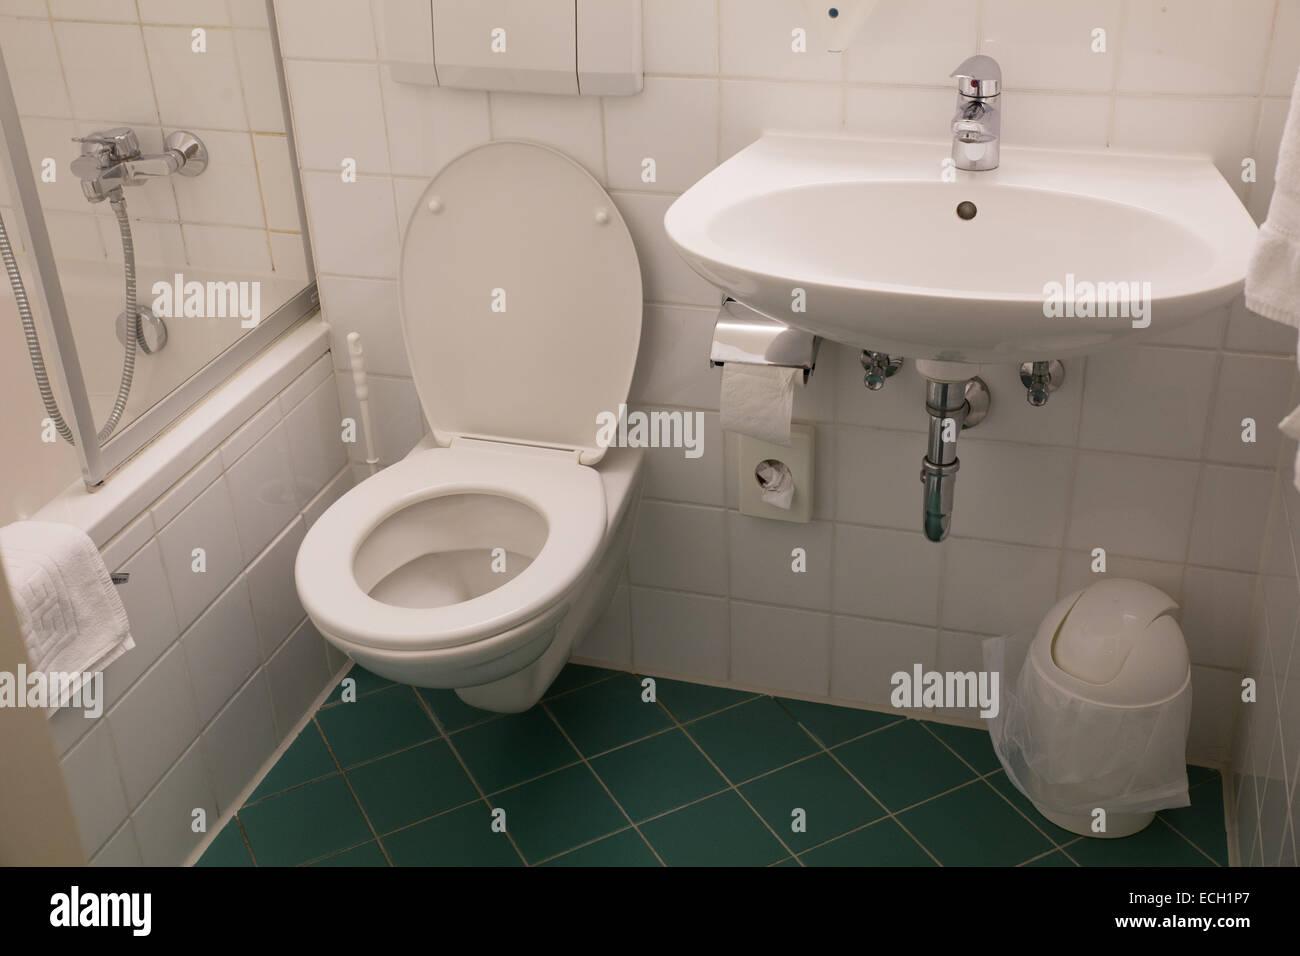 Bagno bagno wc lavandino piastrella bianca hotel foto immagine